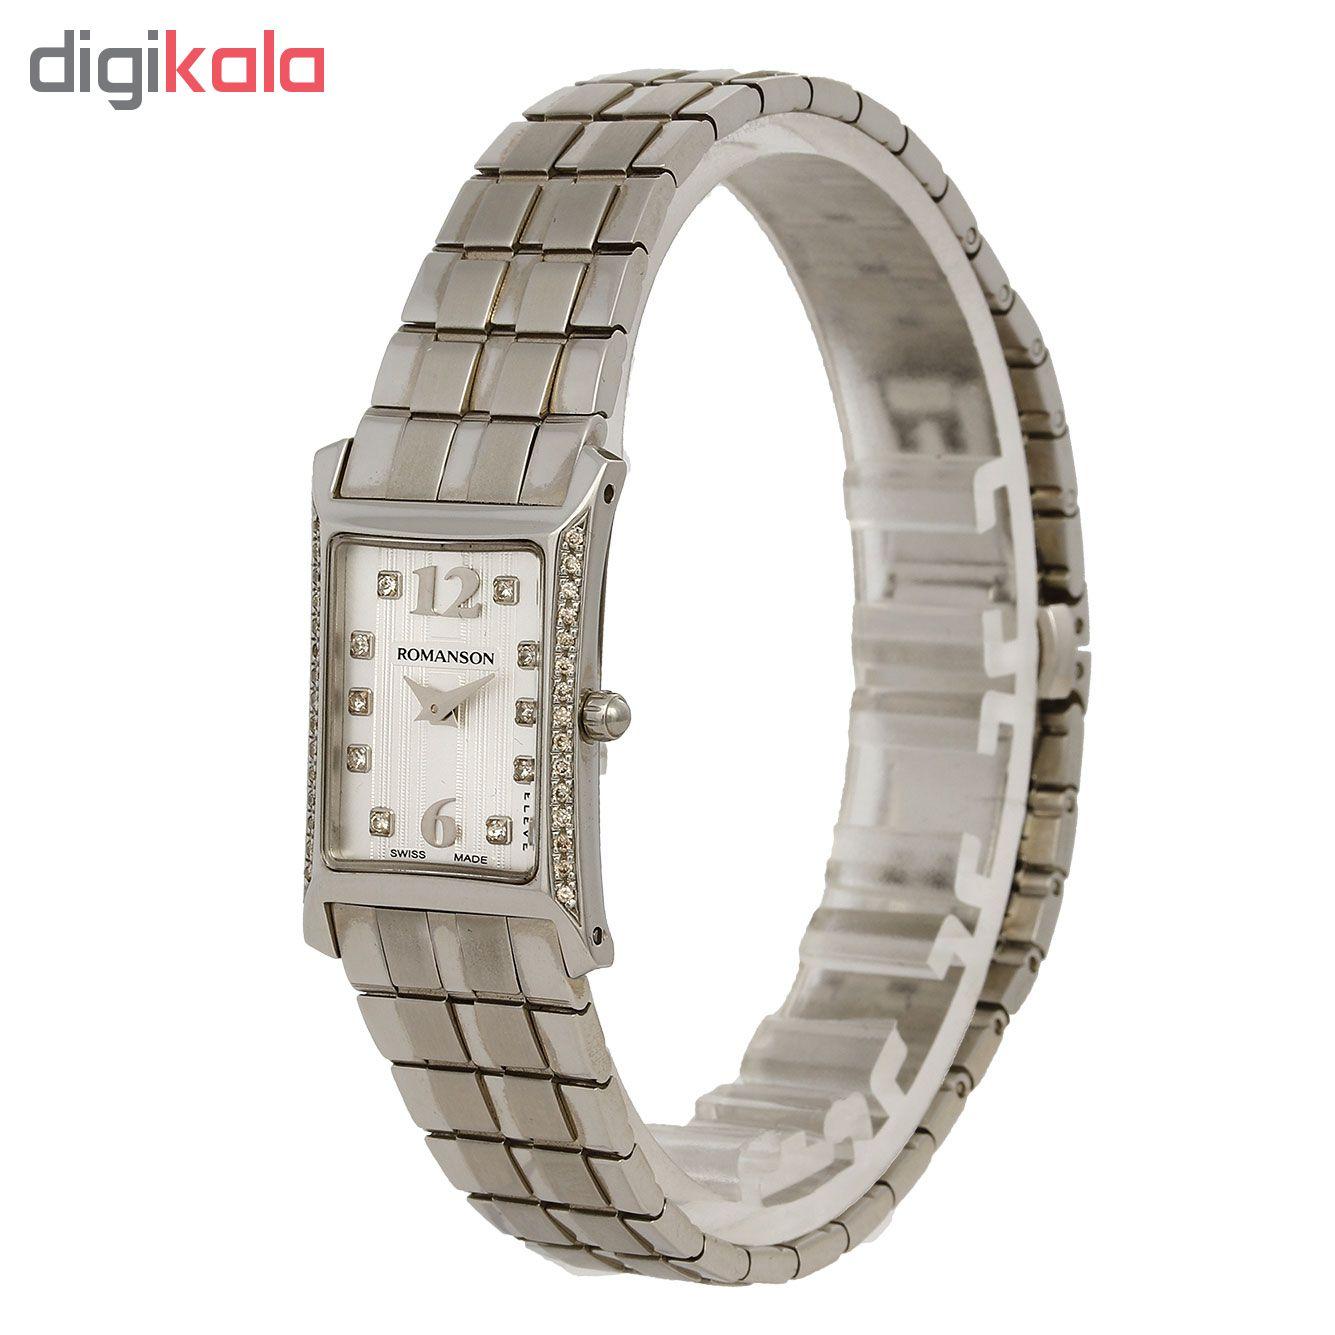 ساعت زنانه برند رومانسون مدل EM5164KL1WAS2W